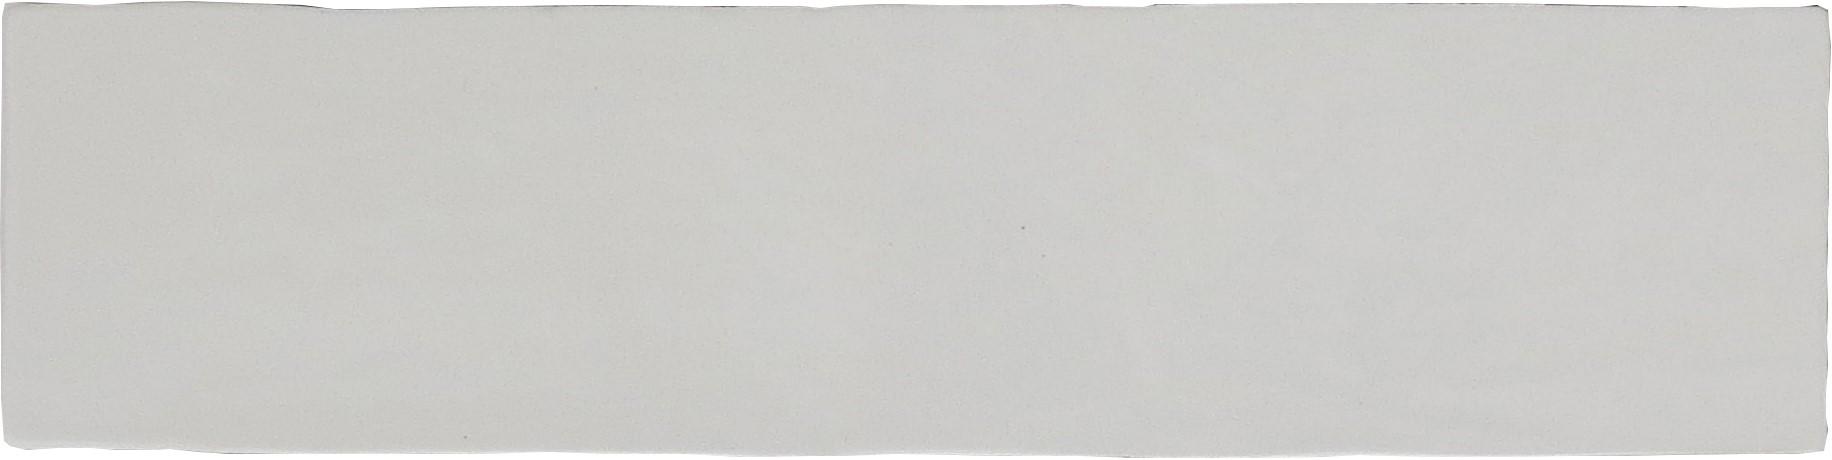 Revoir Paris Atelier Blanc de Lin Glossy